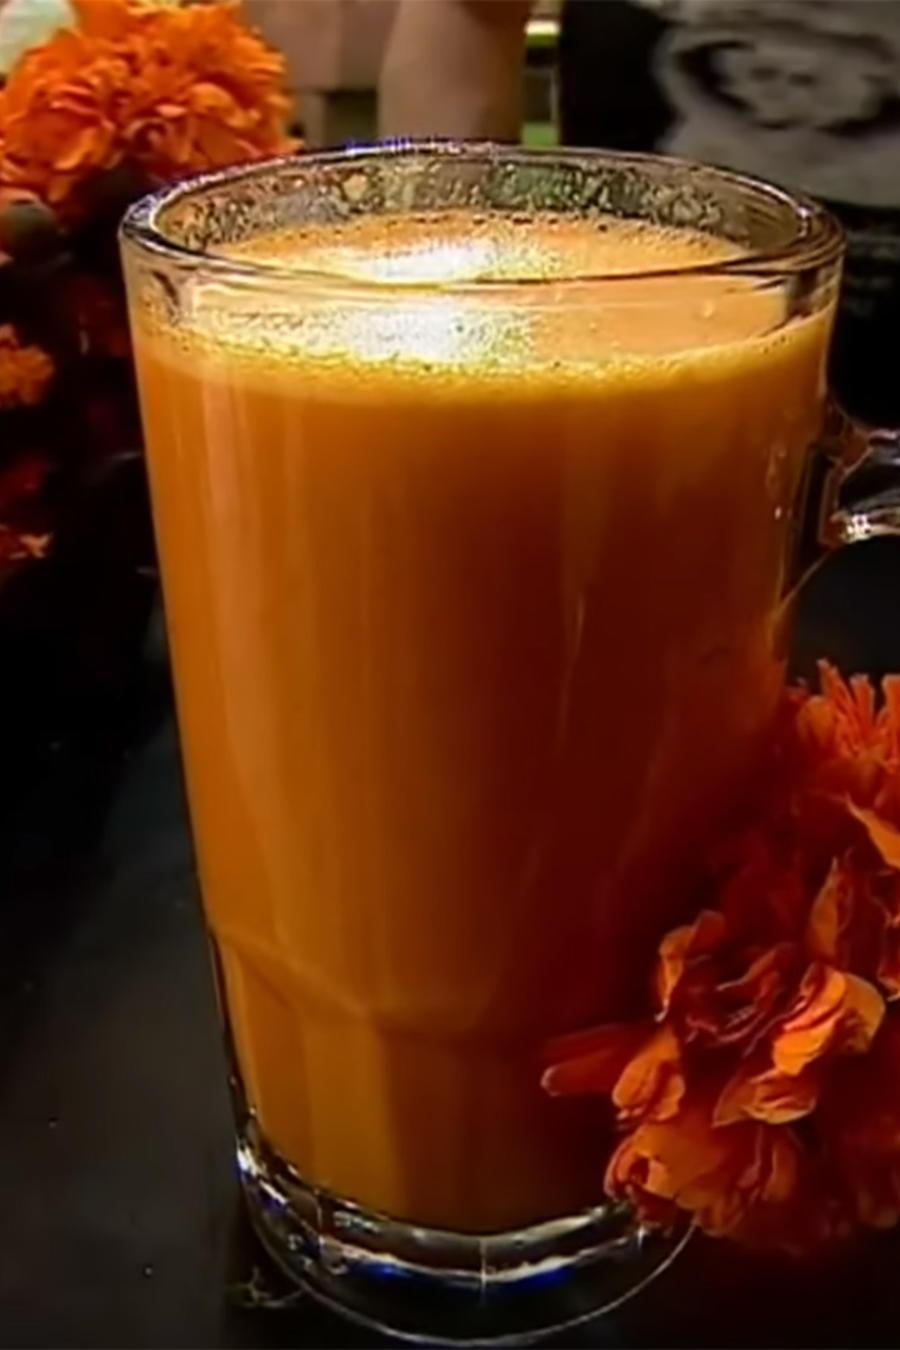 El pulque, una bebida fermentada tradicional de México, cuyo origen es prehispánico.